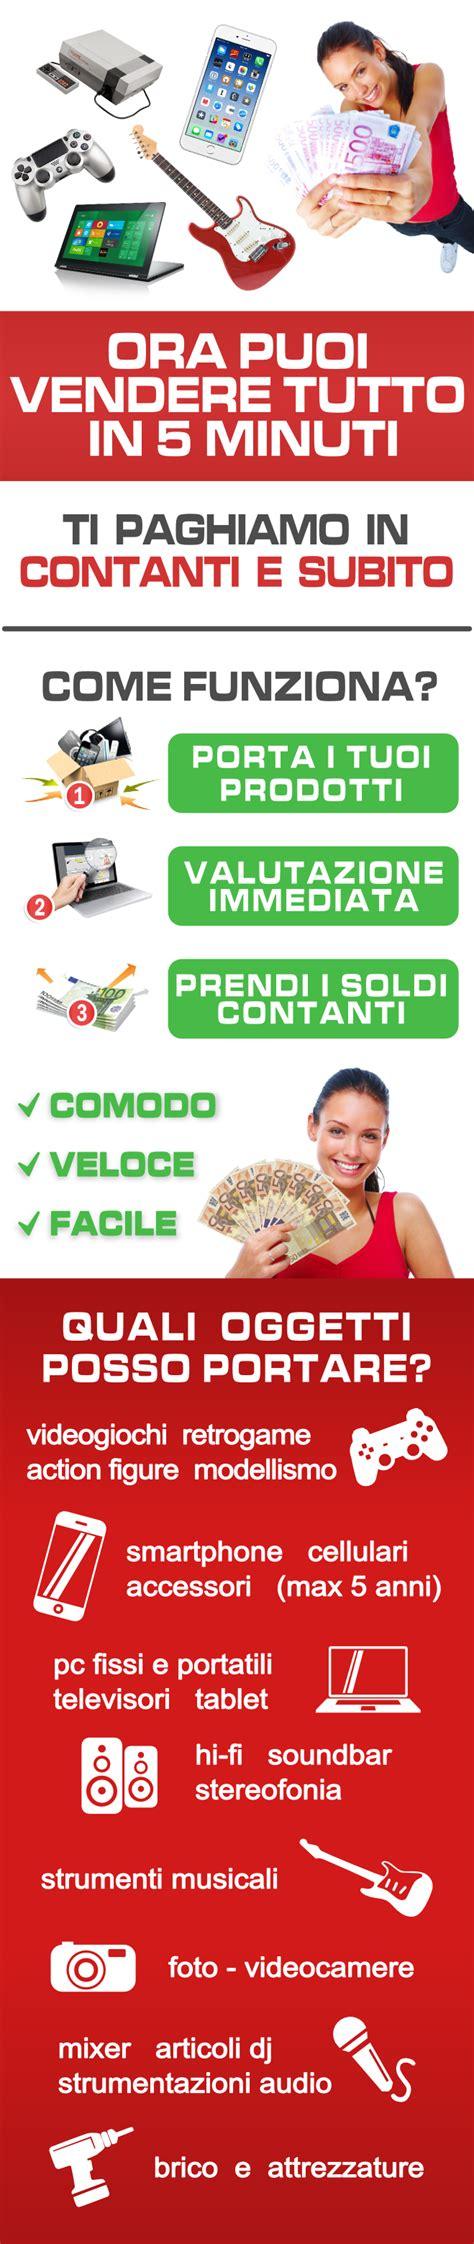 compro mobili usati pagamento contanti cashtime homepage pagamento in contanti oggetti usati a torino